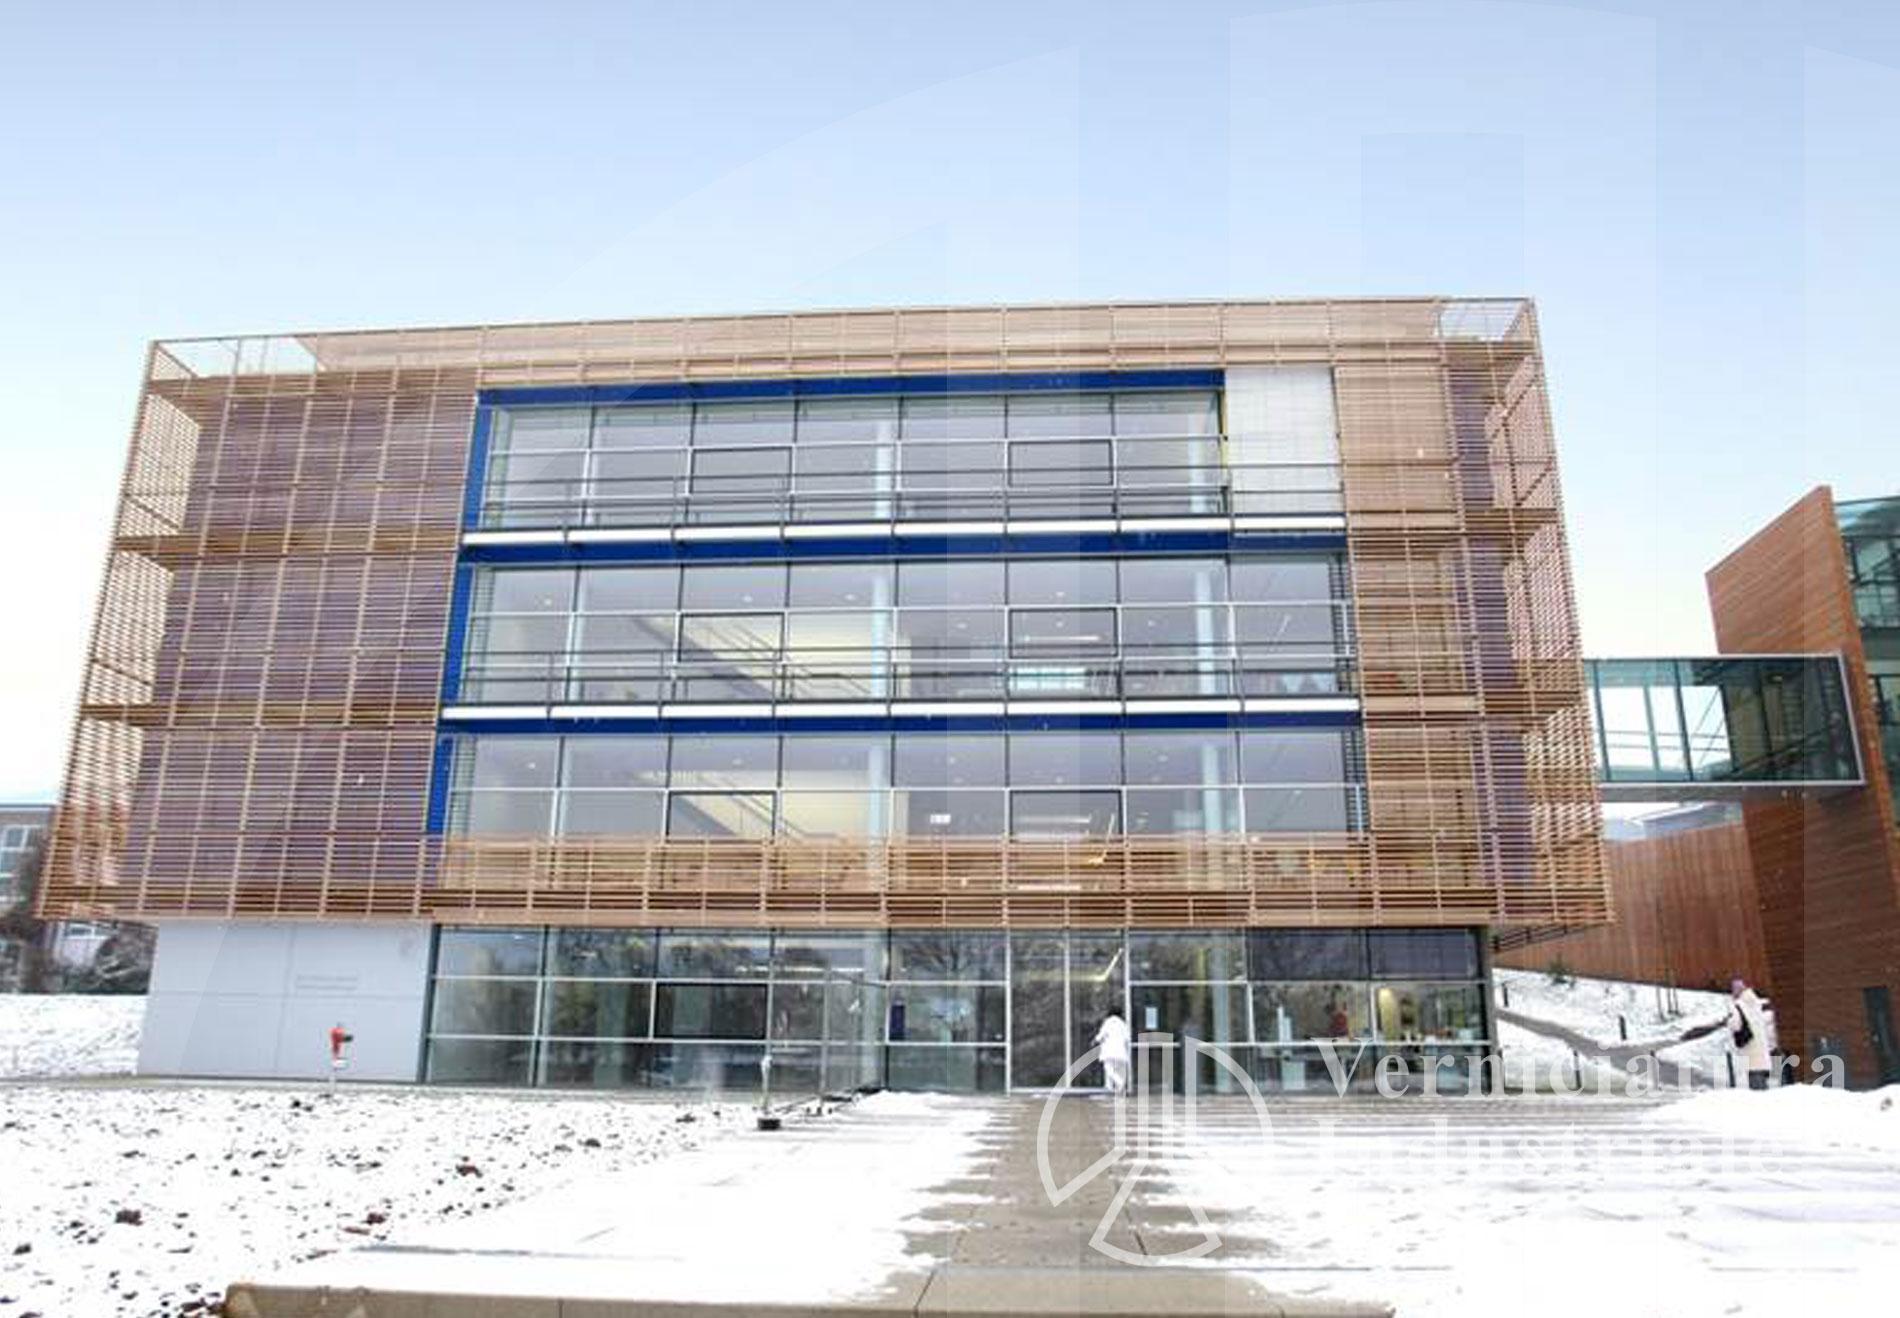 Max Plank Institute